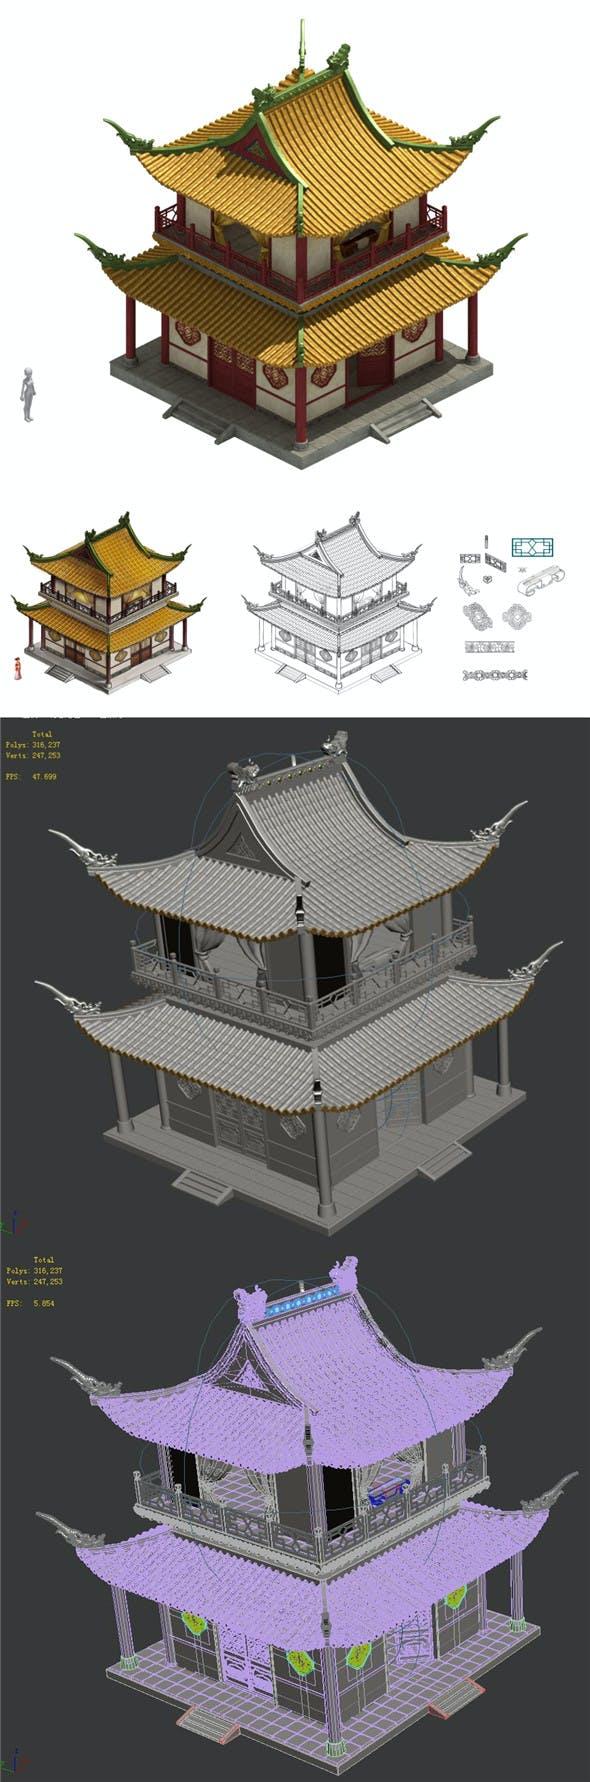 Palace-2 loft - 3DOcean Item for Sale